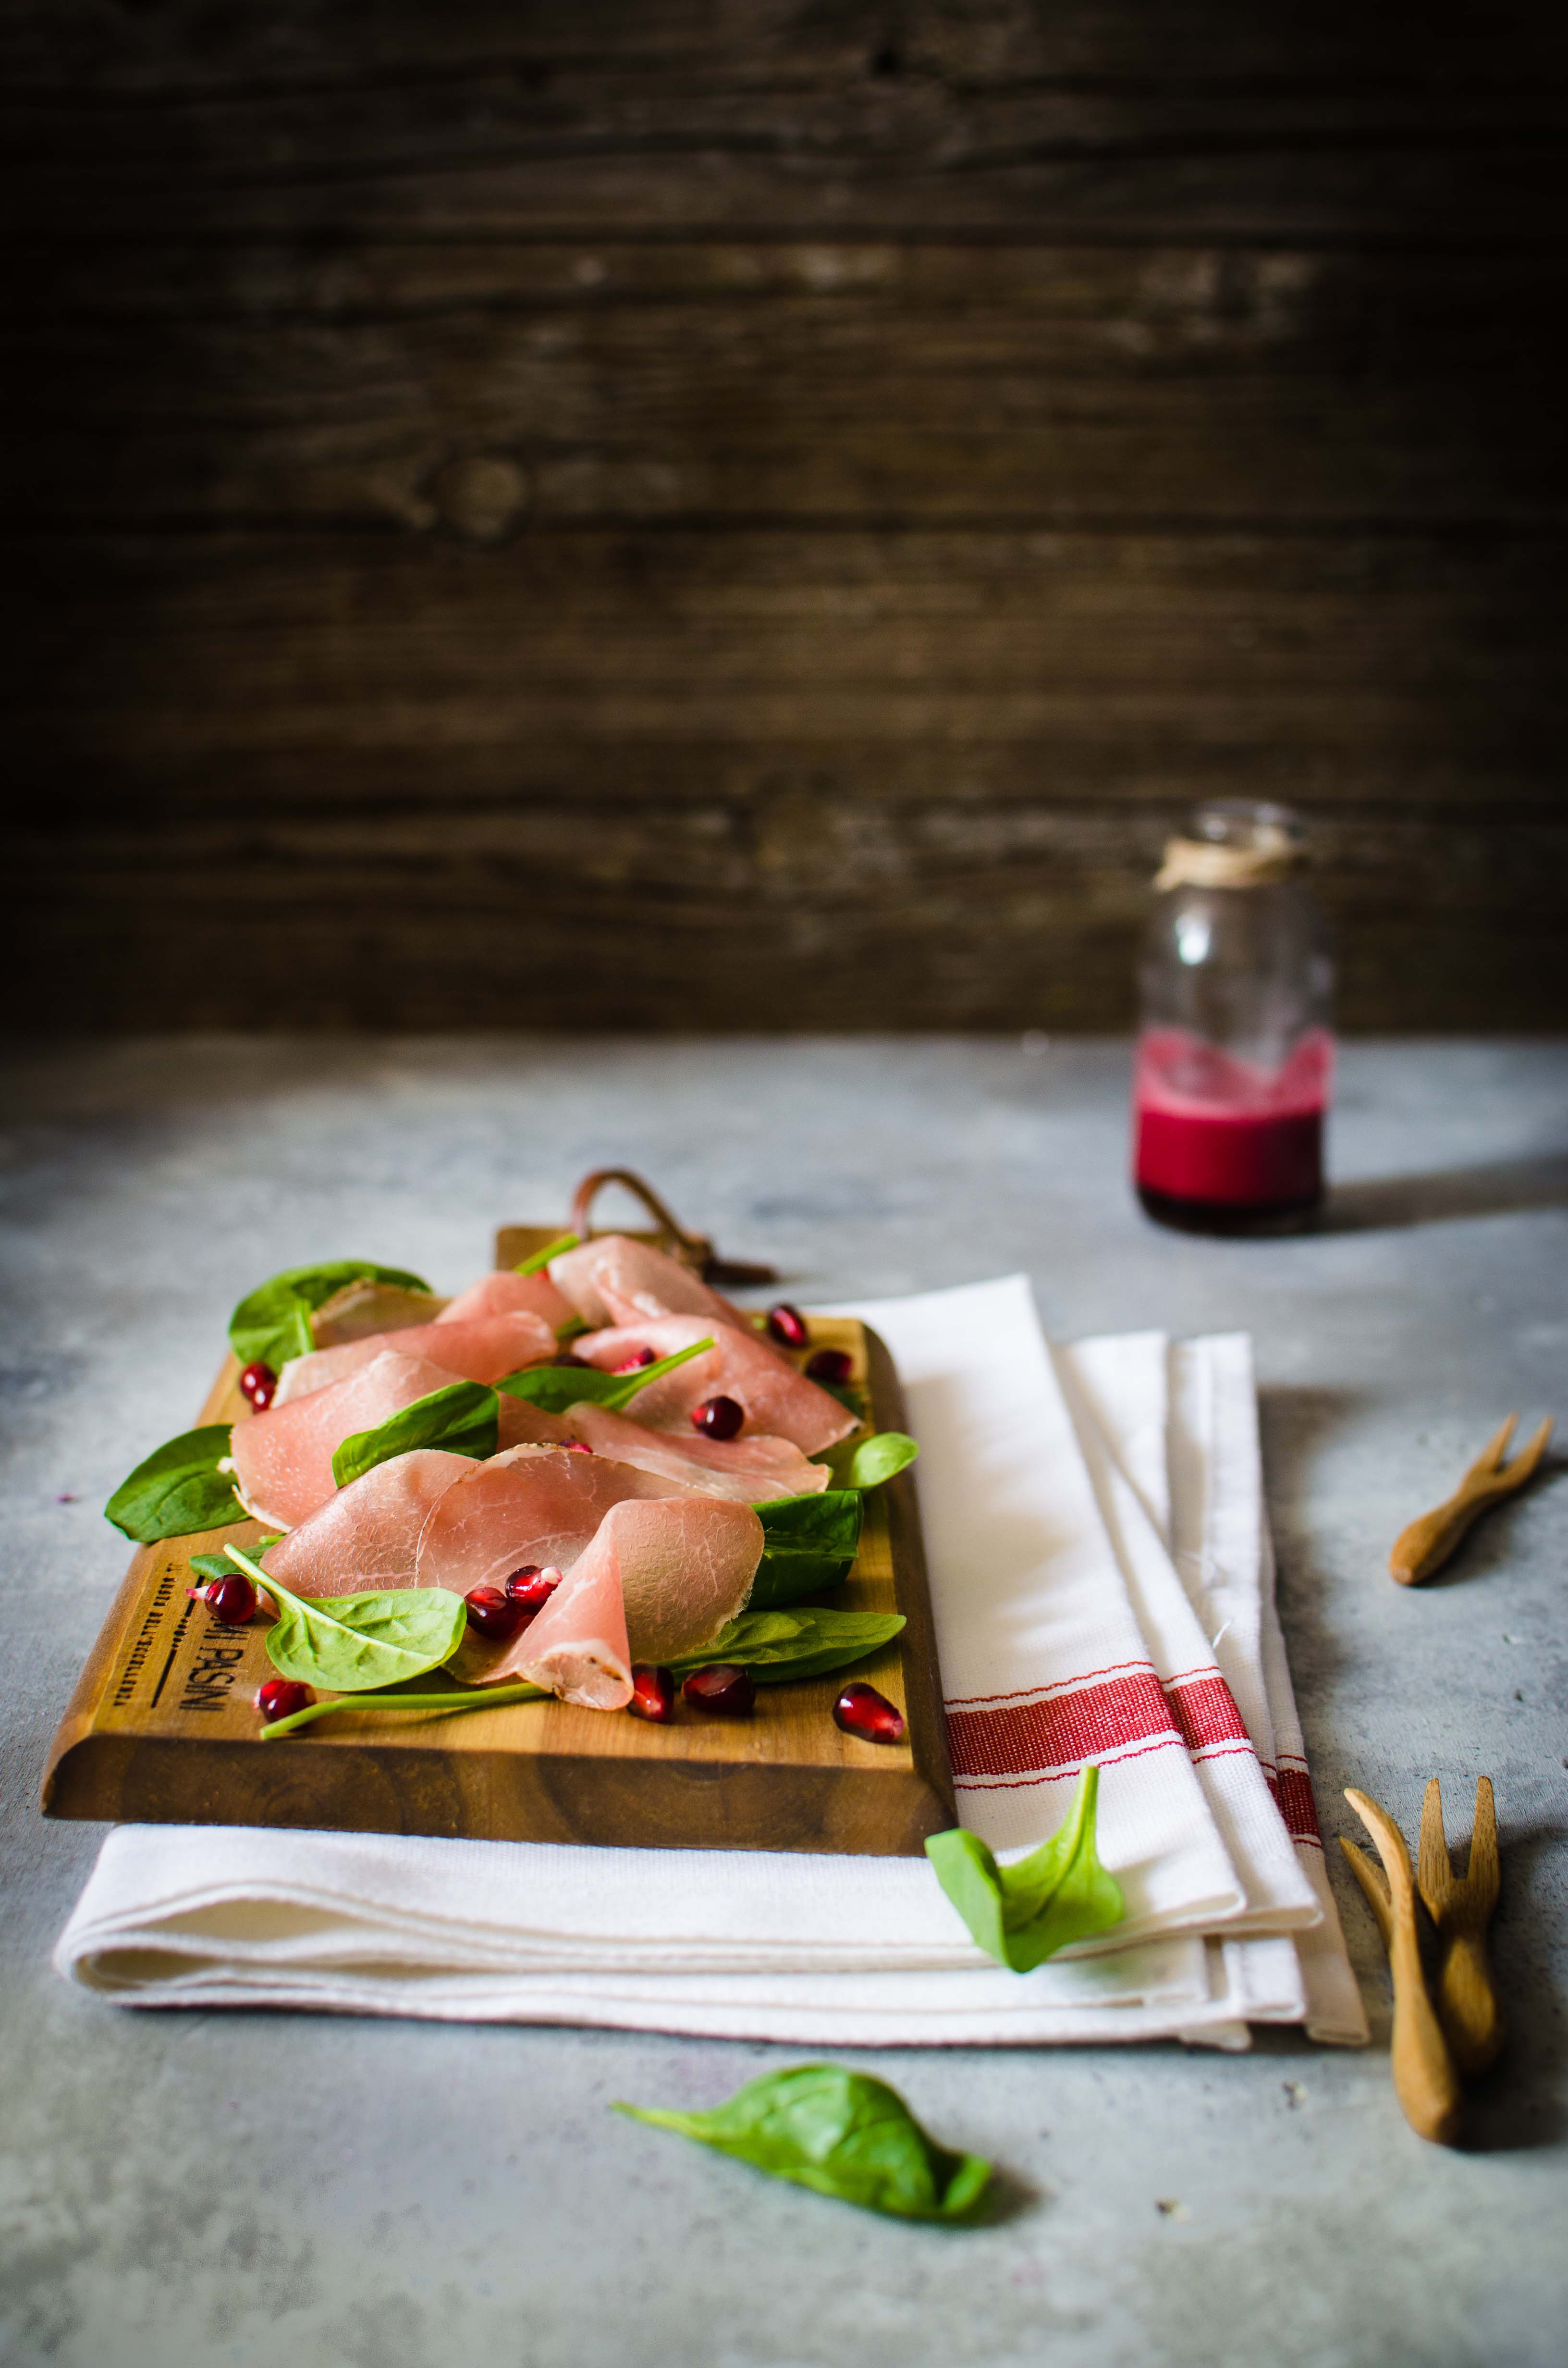 bresaola-vinaigrette-melograno Bresaola di suino e vinaigrette al melograno